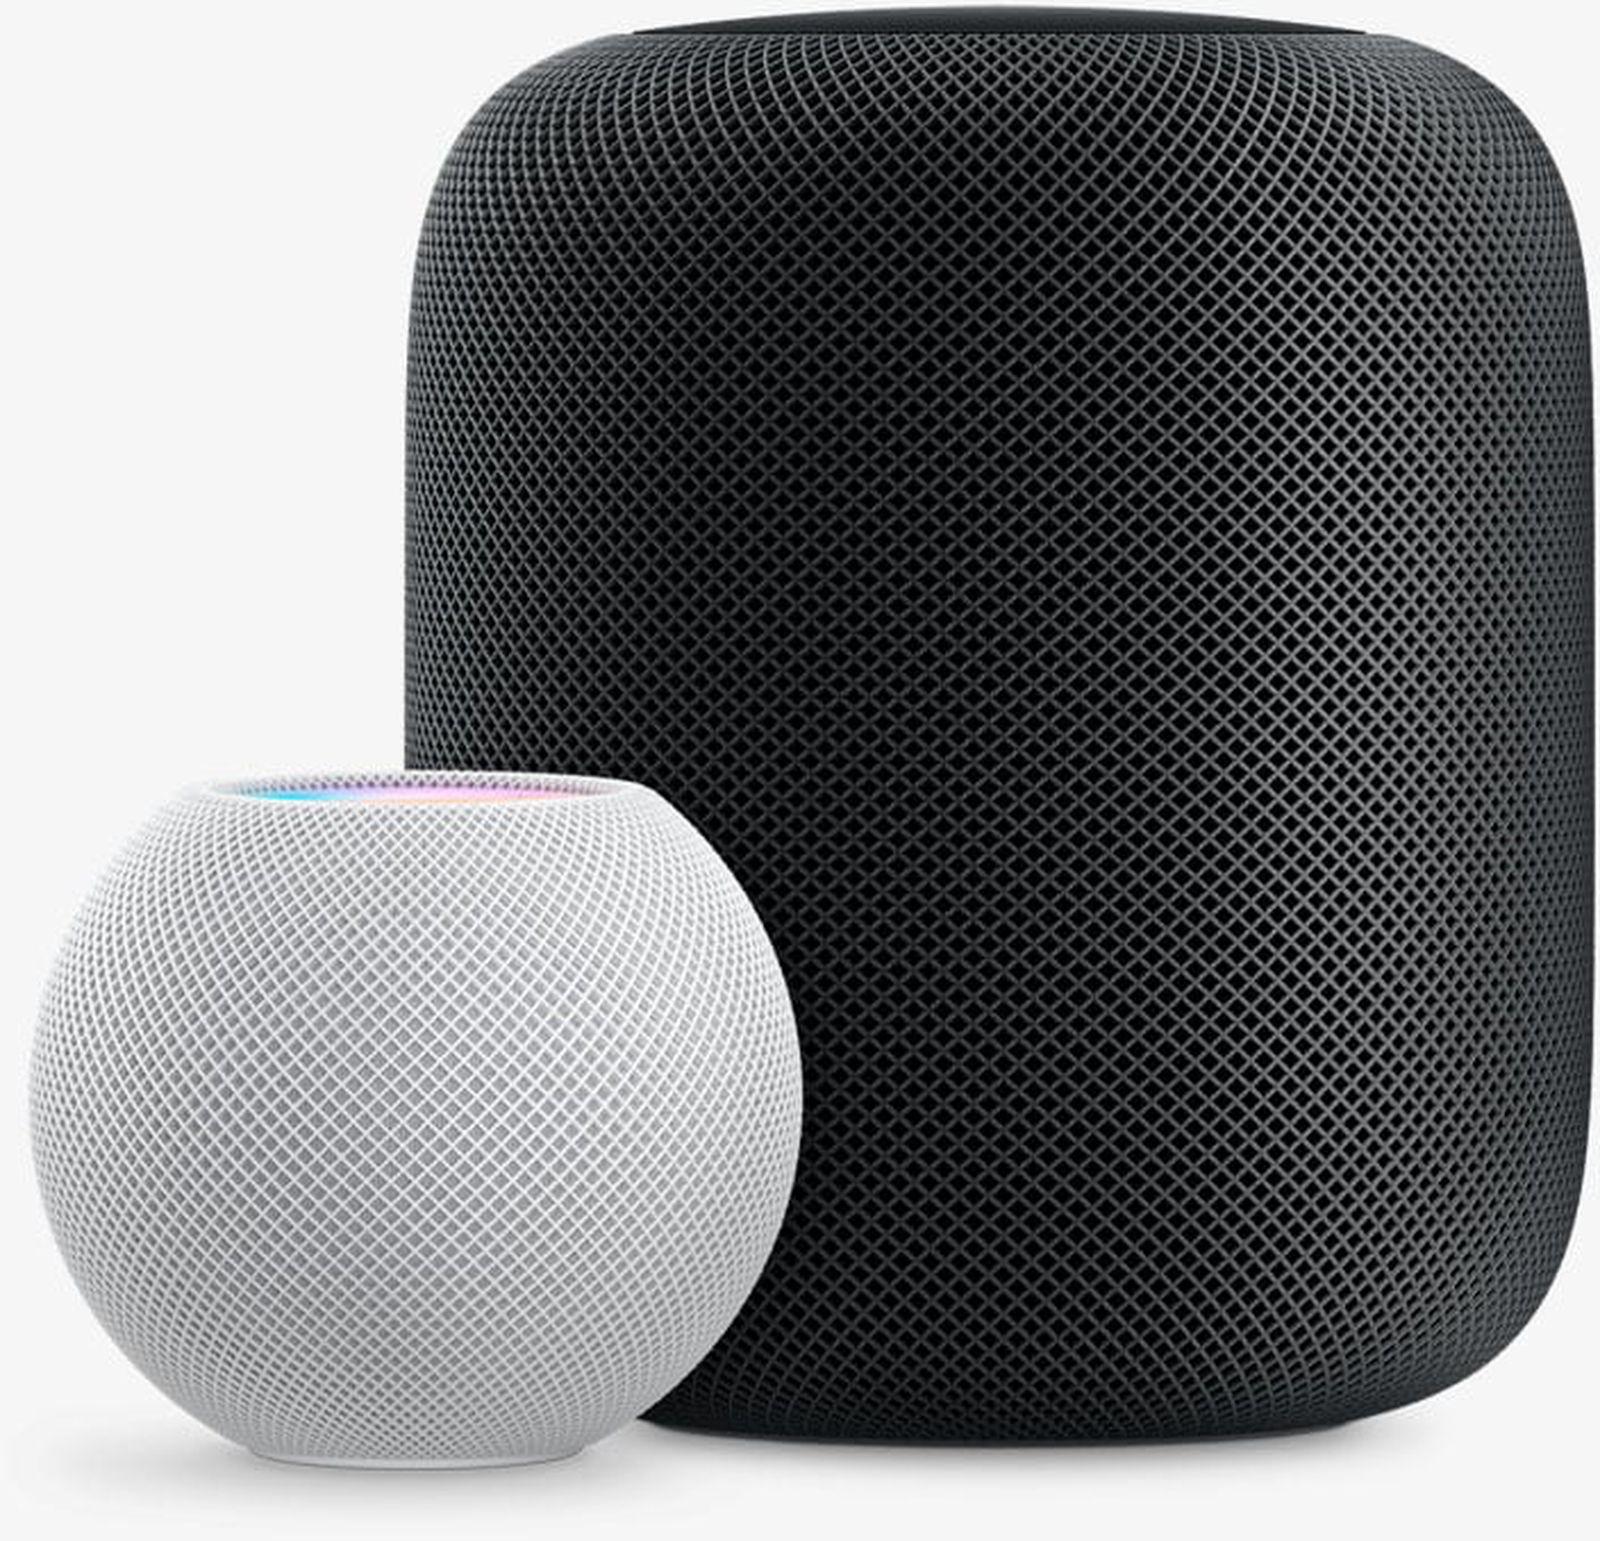 HomePod Mini aktualizacja Apple TV 4K dźwięk Dolby Atmos